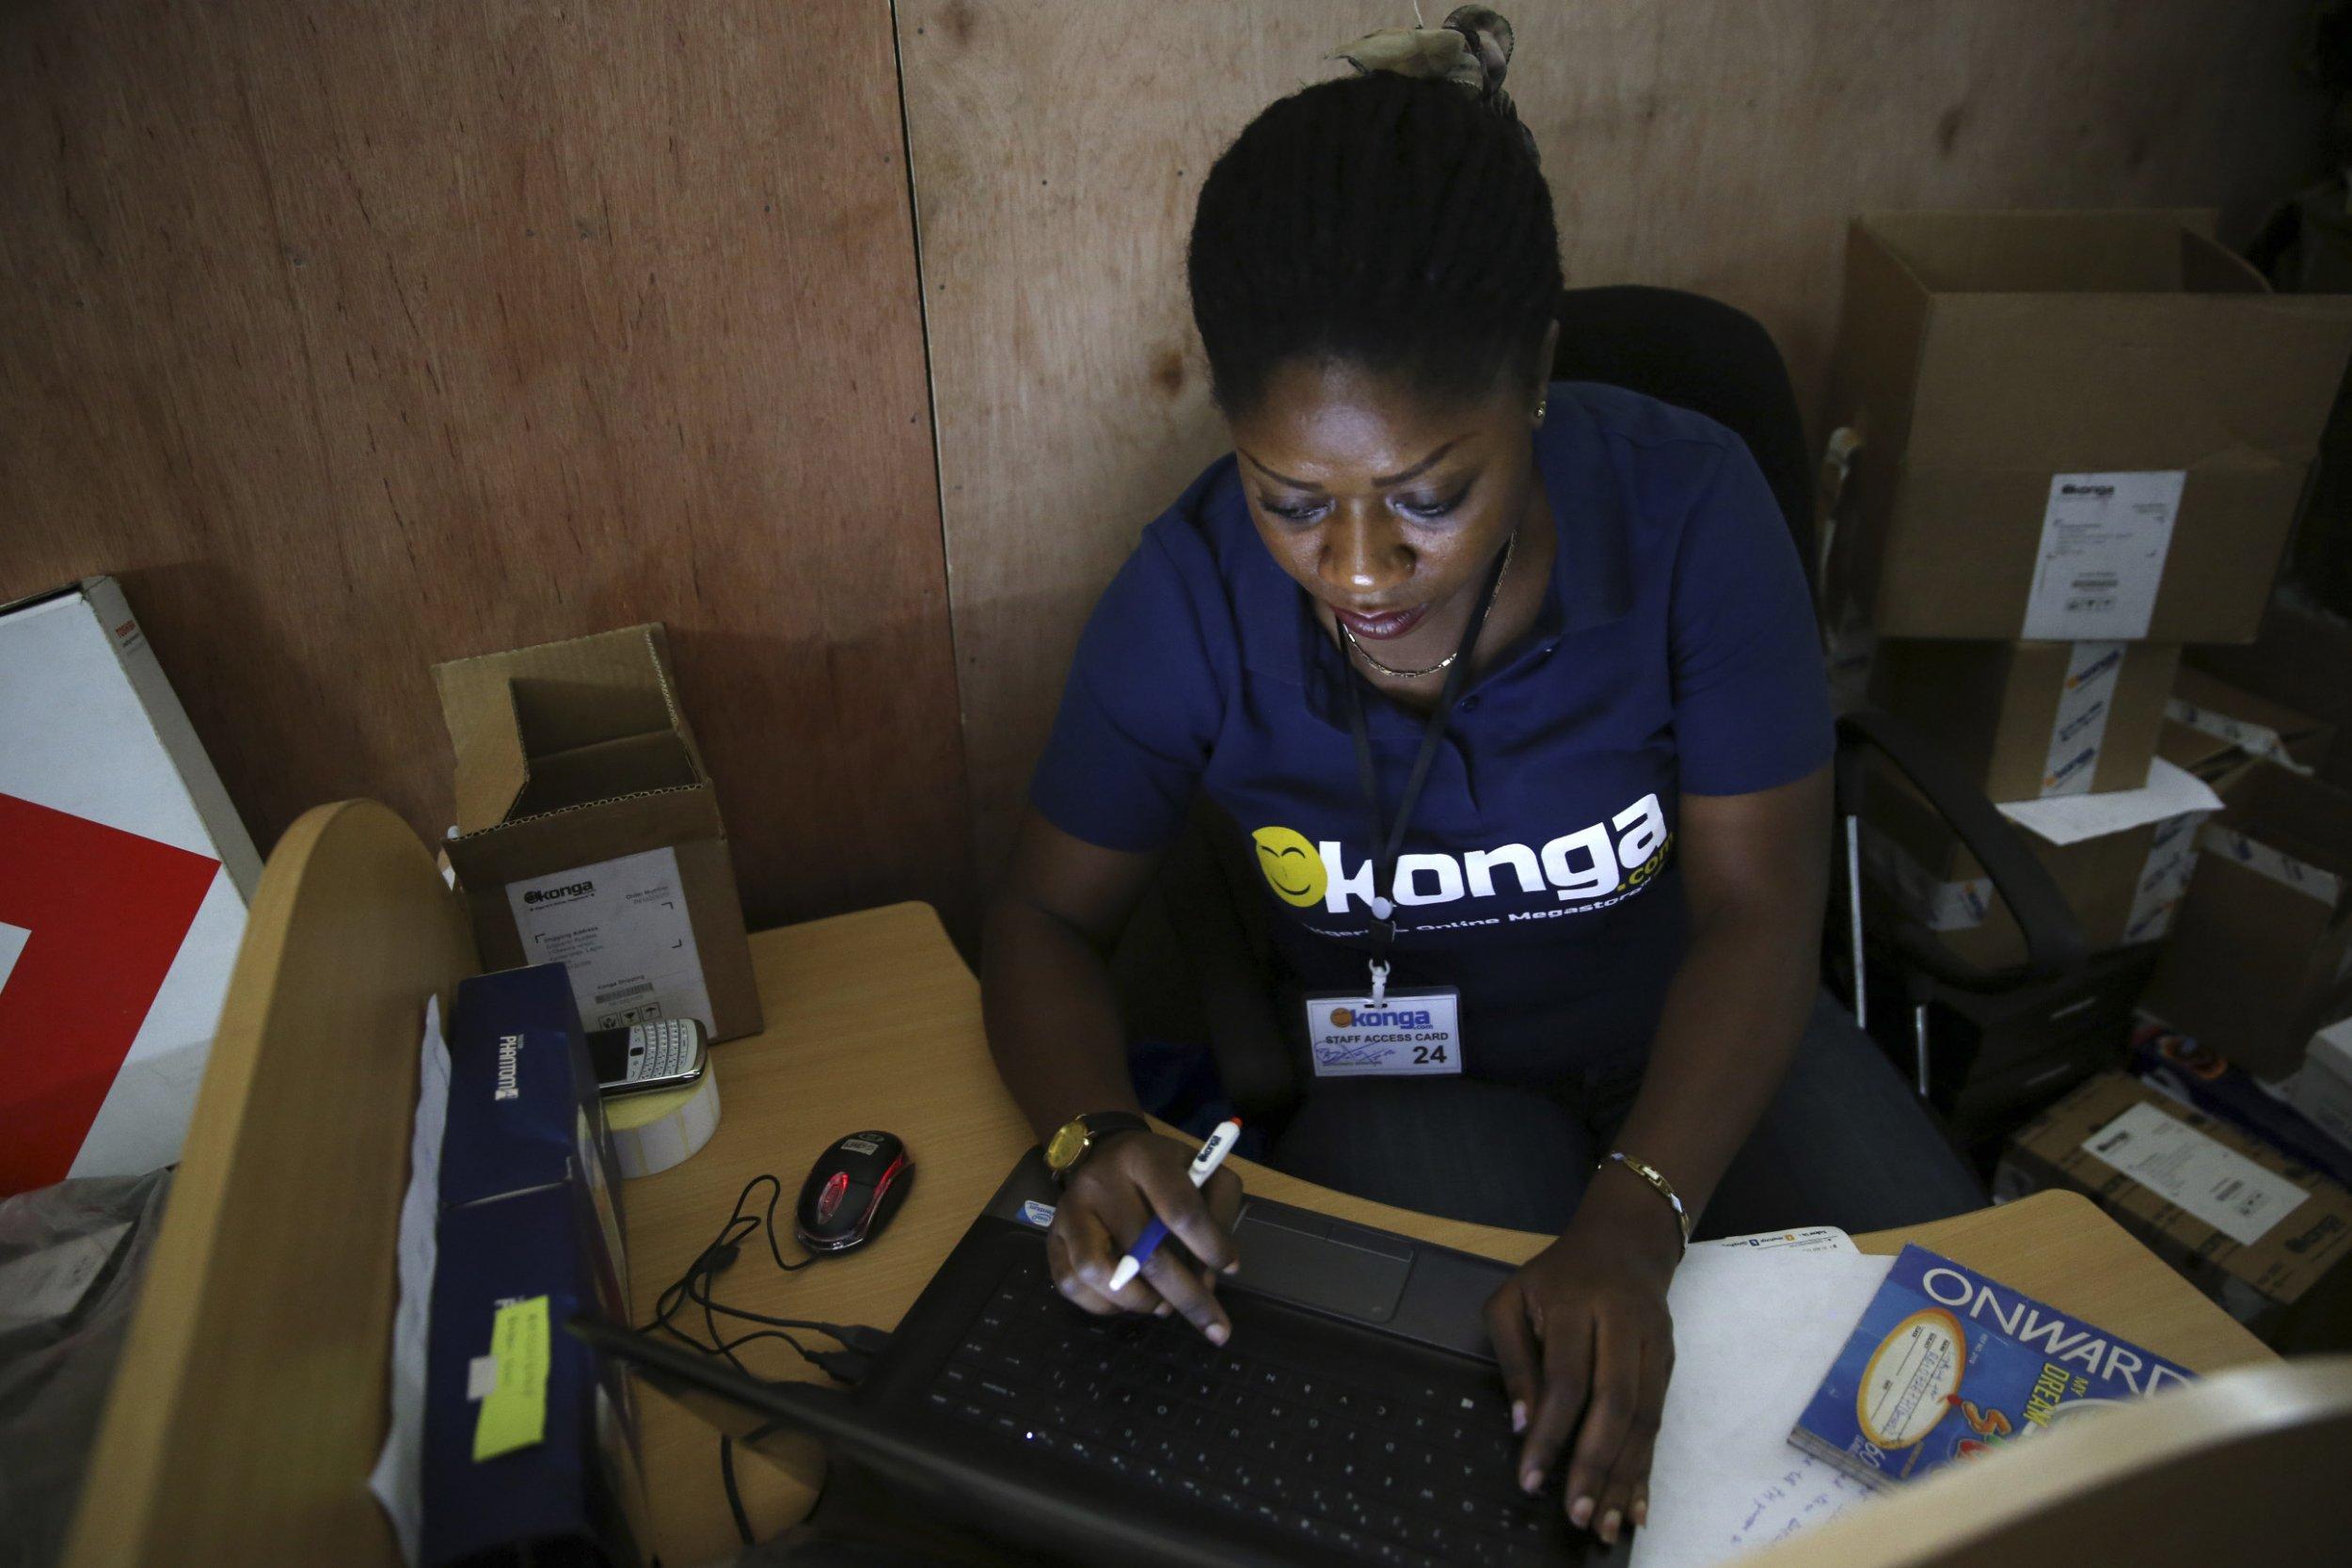 Konga employee